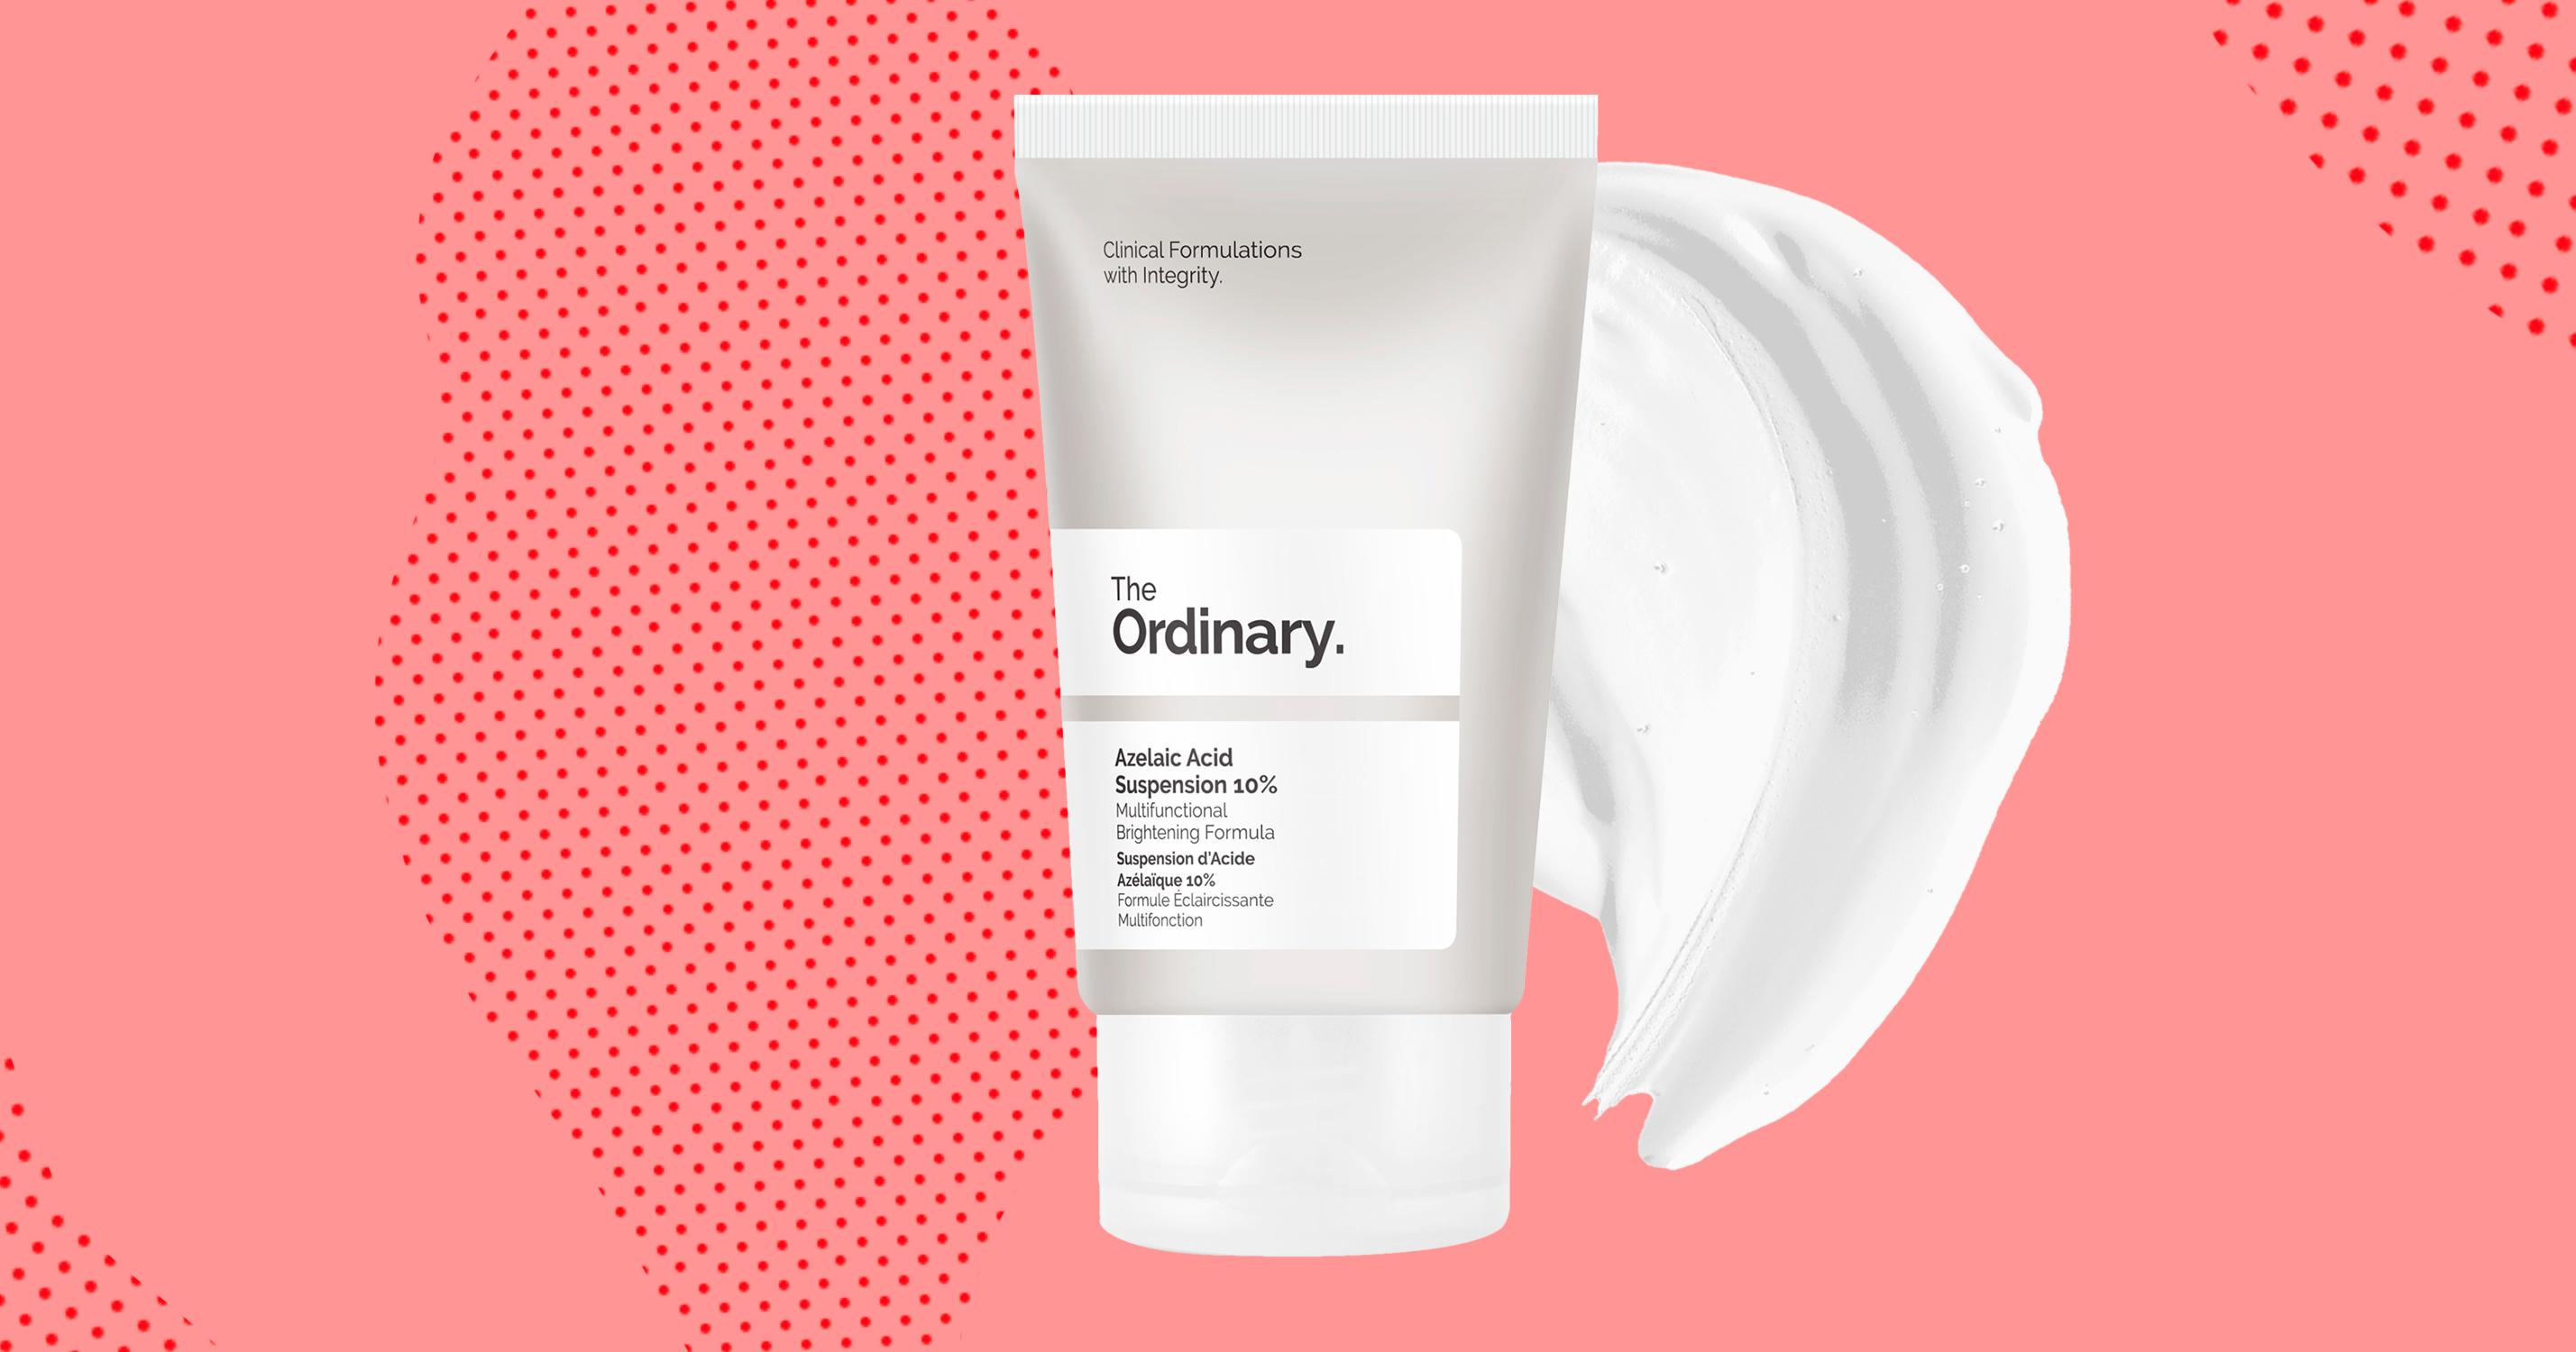 Azelaic Acid: Skincare Benefits For Acne - The Ordinary